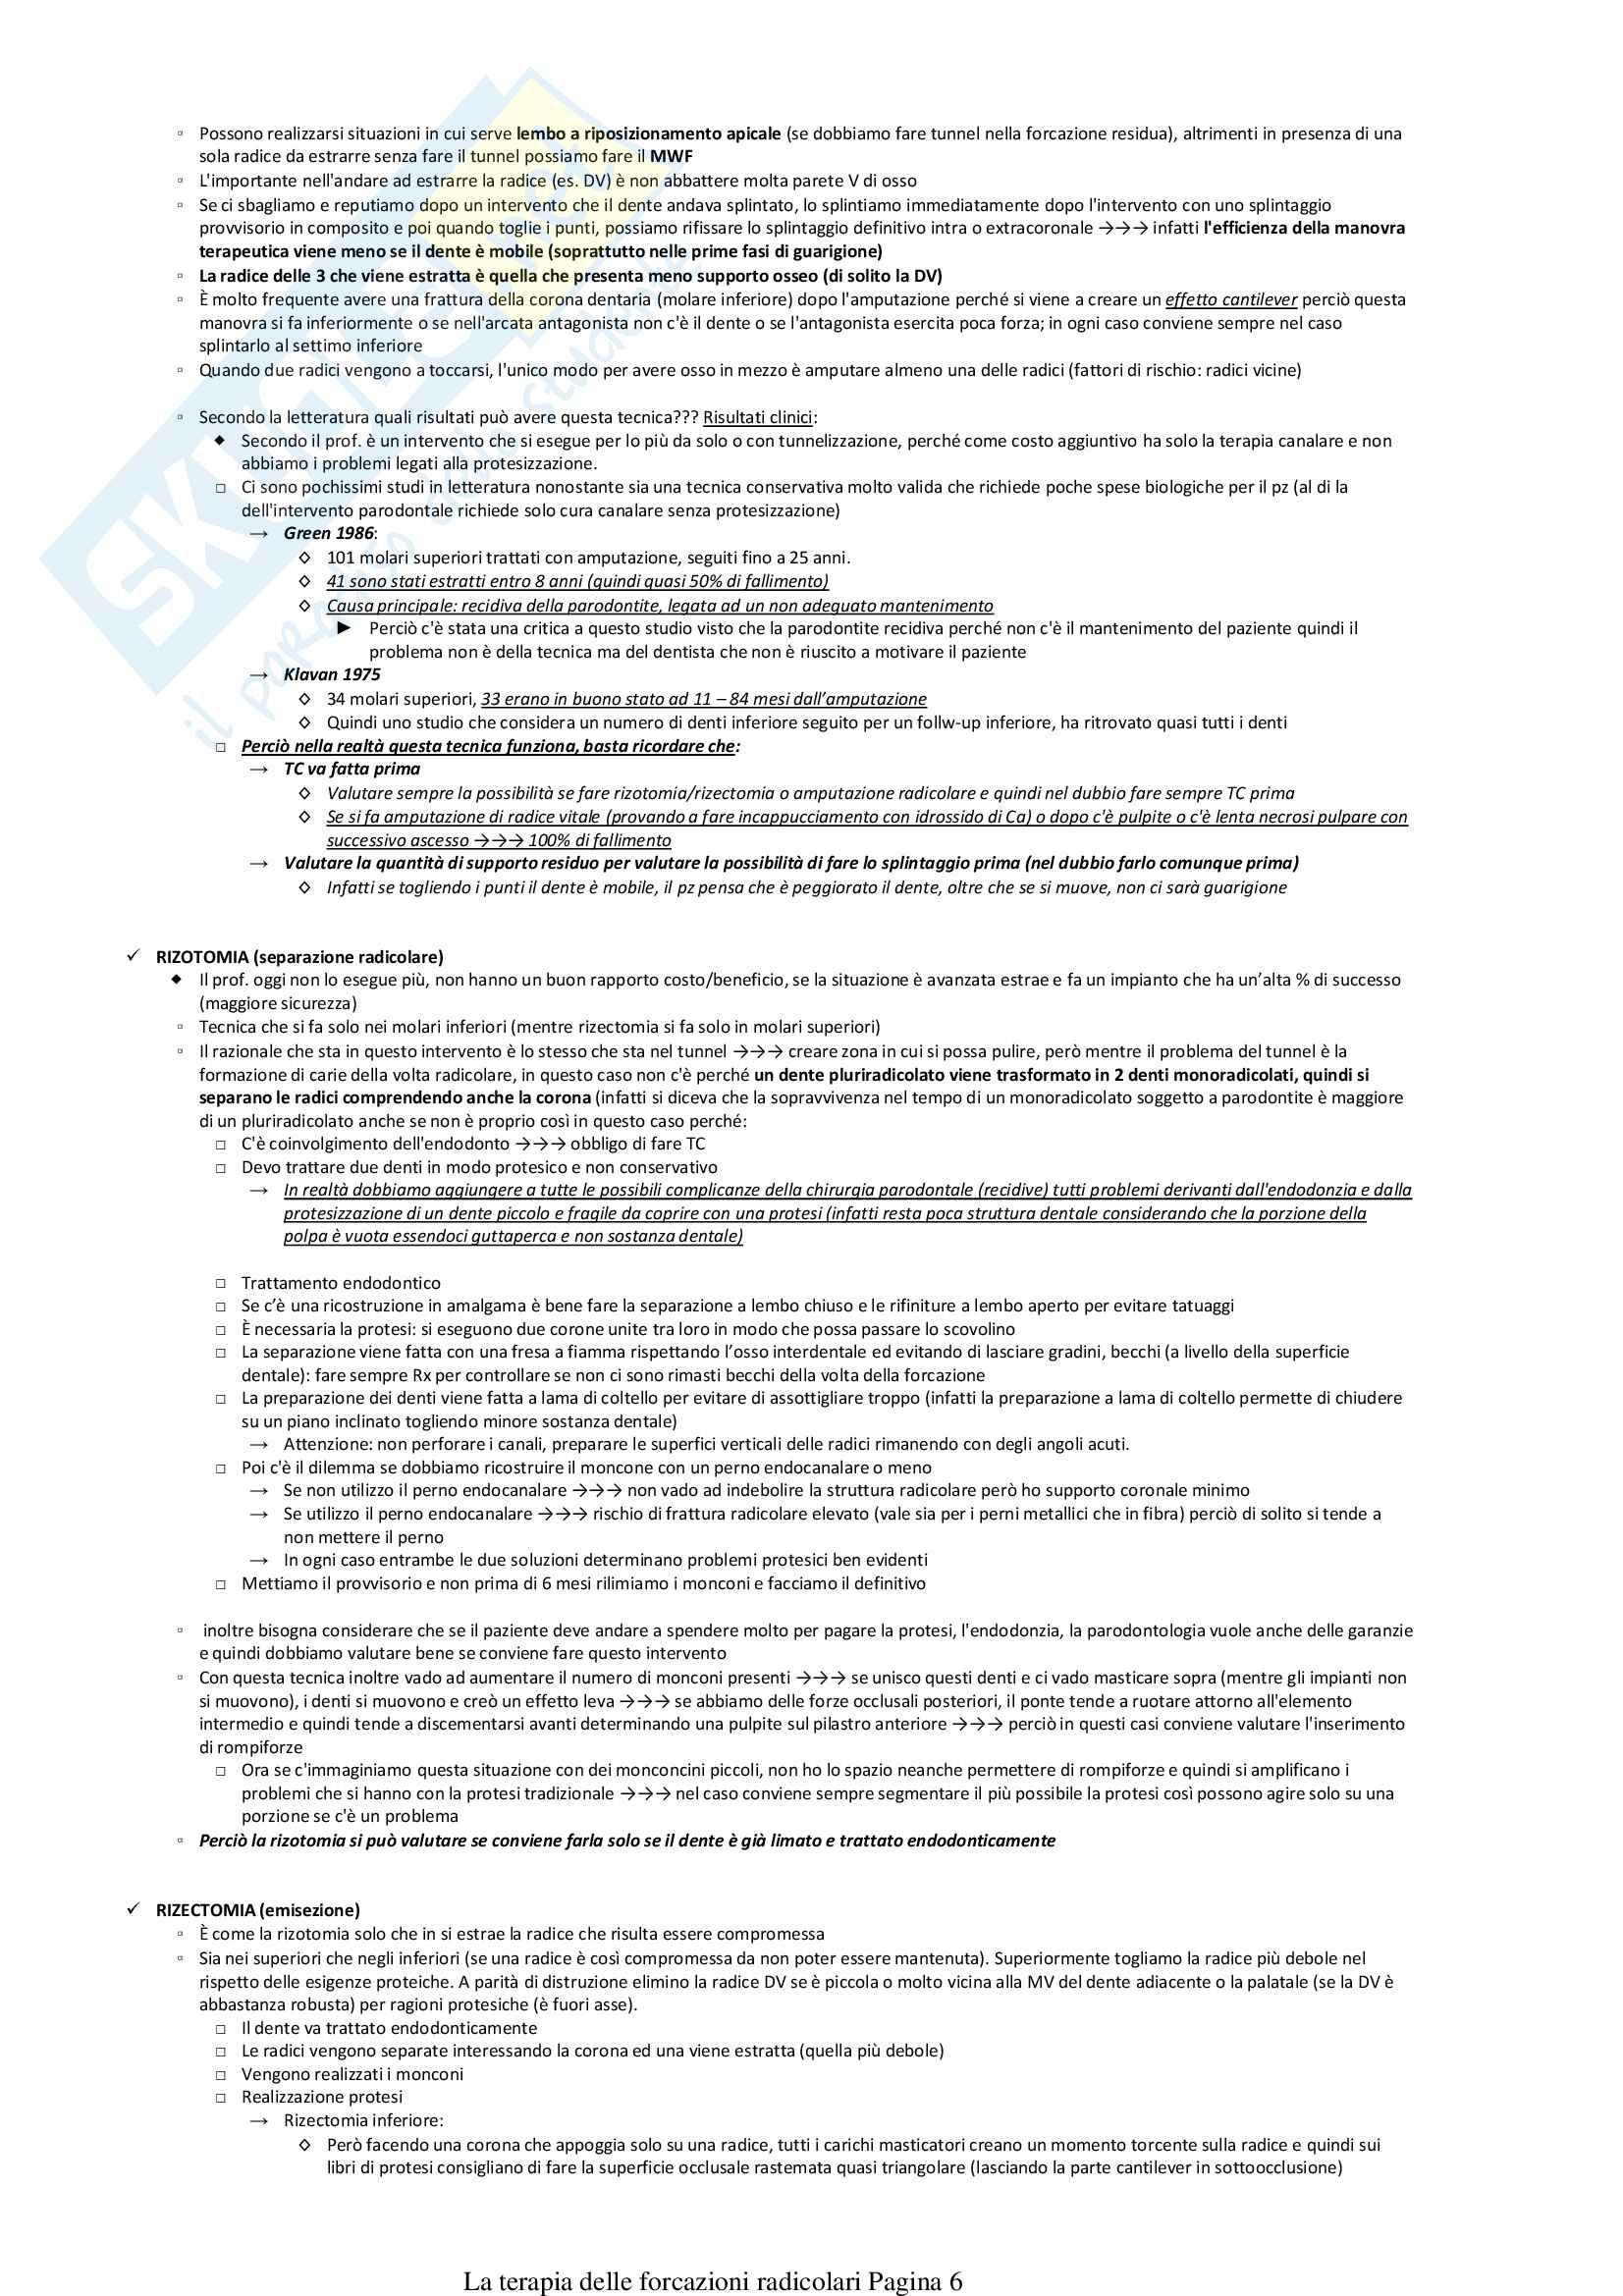 La terapia delle forcazioni radicolari Pag. 6